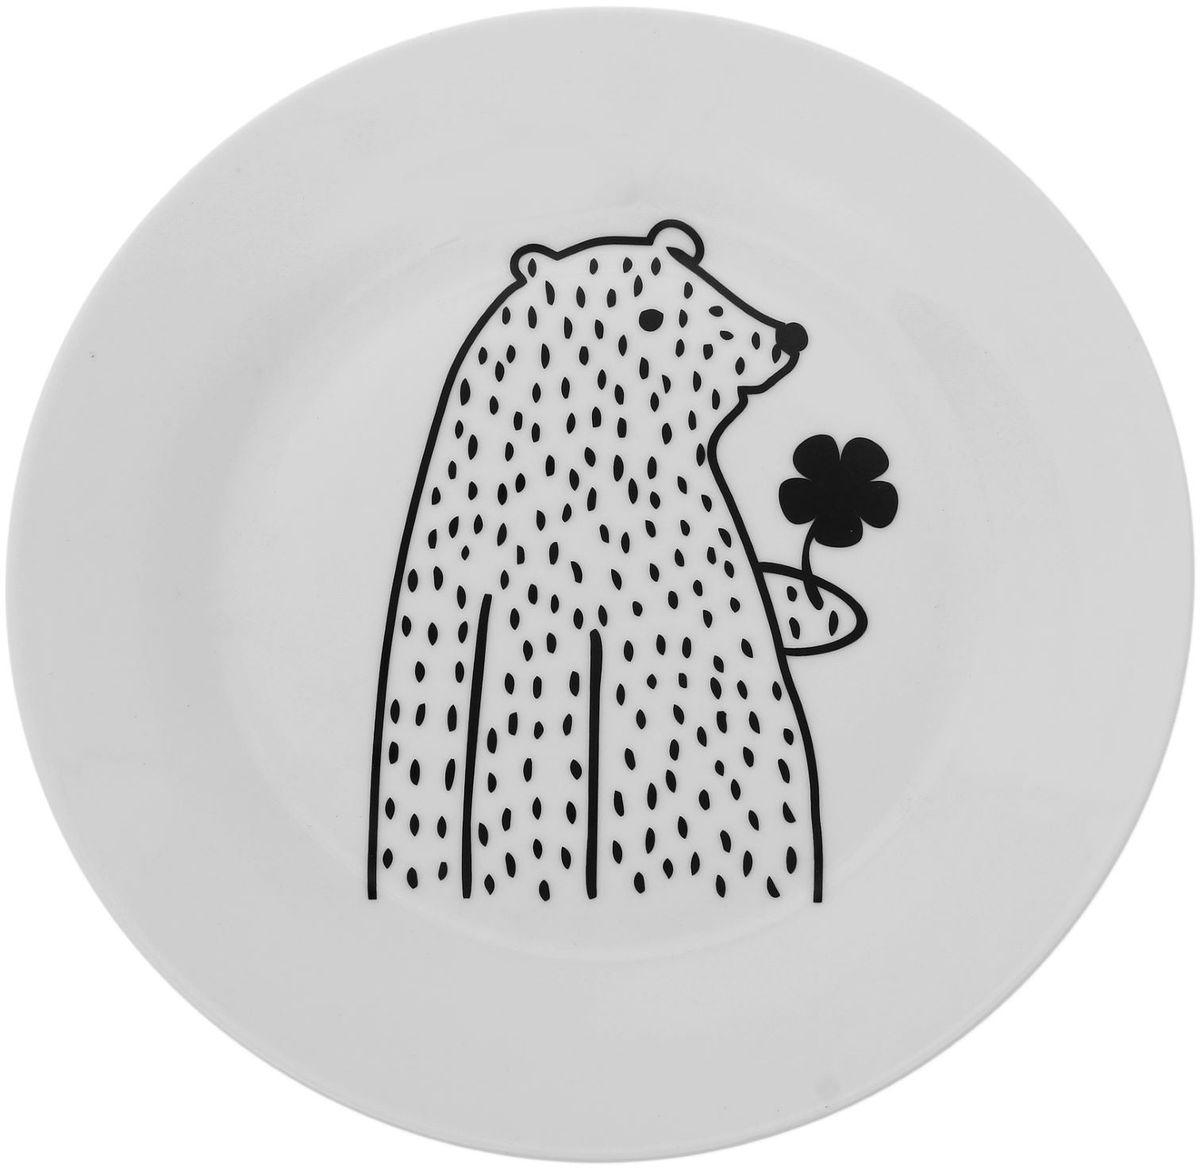 Тарелка Сотвори чудо Цветочный мишка, диаметр 23 см1661857Хотите обновить интерьер кухни или гостиной? Устраиваете необычную фотосессию или тематический праздник? А может, просто ищете подарок для близкого человека? Посуда Сотвори Чудо — правильный выбор в любой ситуации. Тарелка Сотвори Чудо, изготовленная из изящного фаянса нежного сливочного цвета, оформлена оригинальным рисунком со стойкой краской. Пригодна для посудомоечной машины.